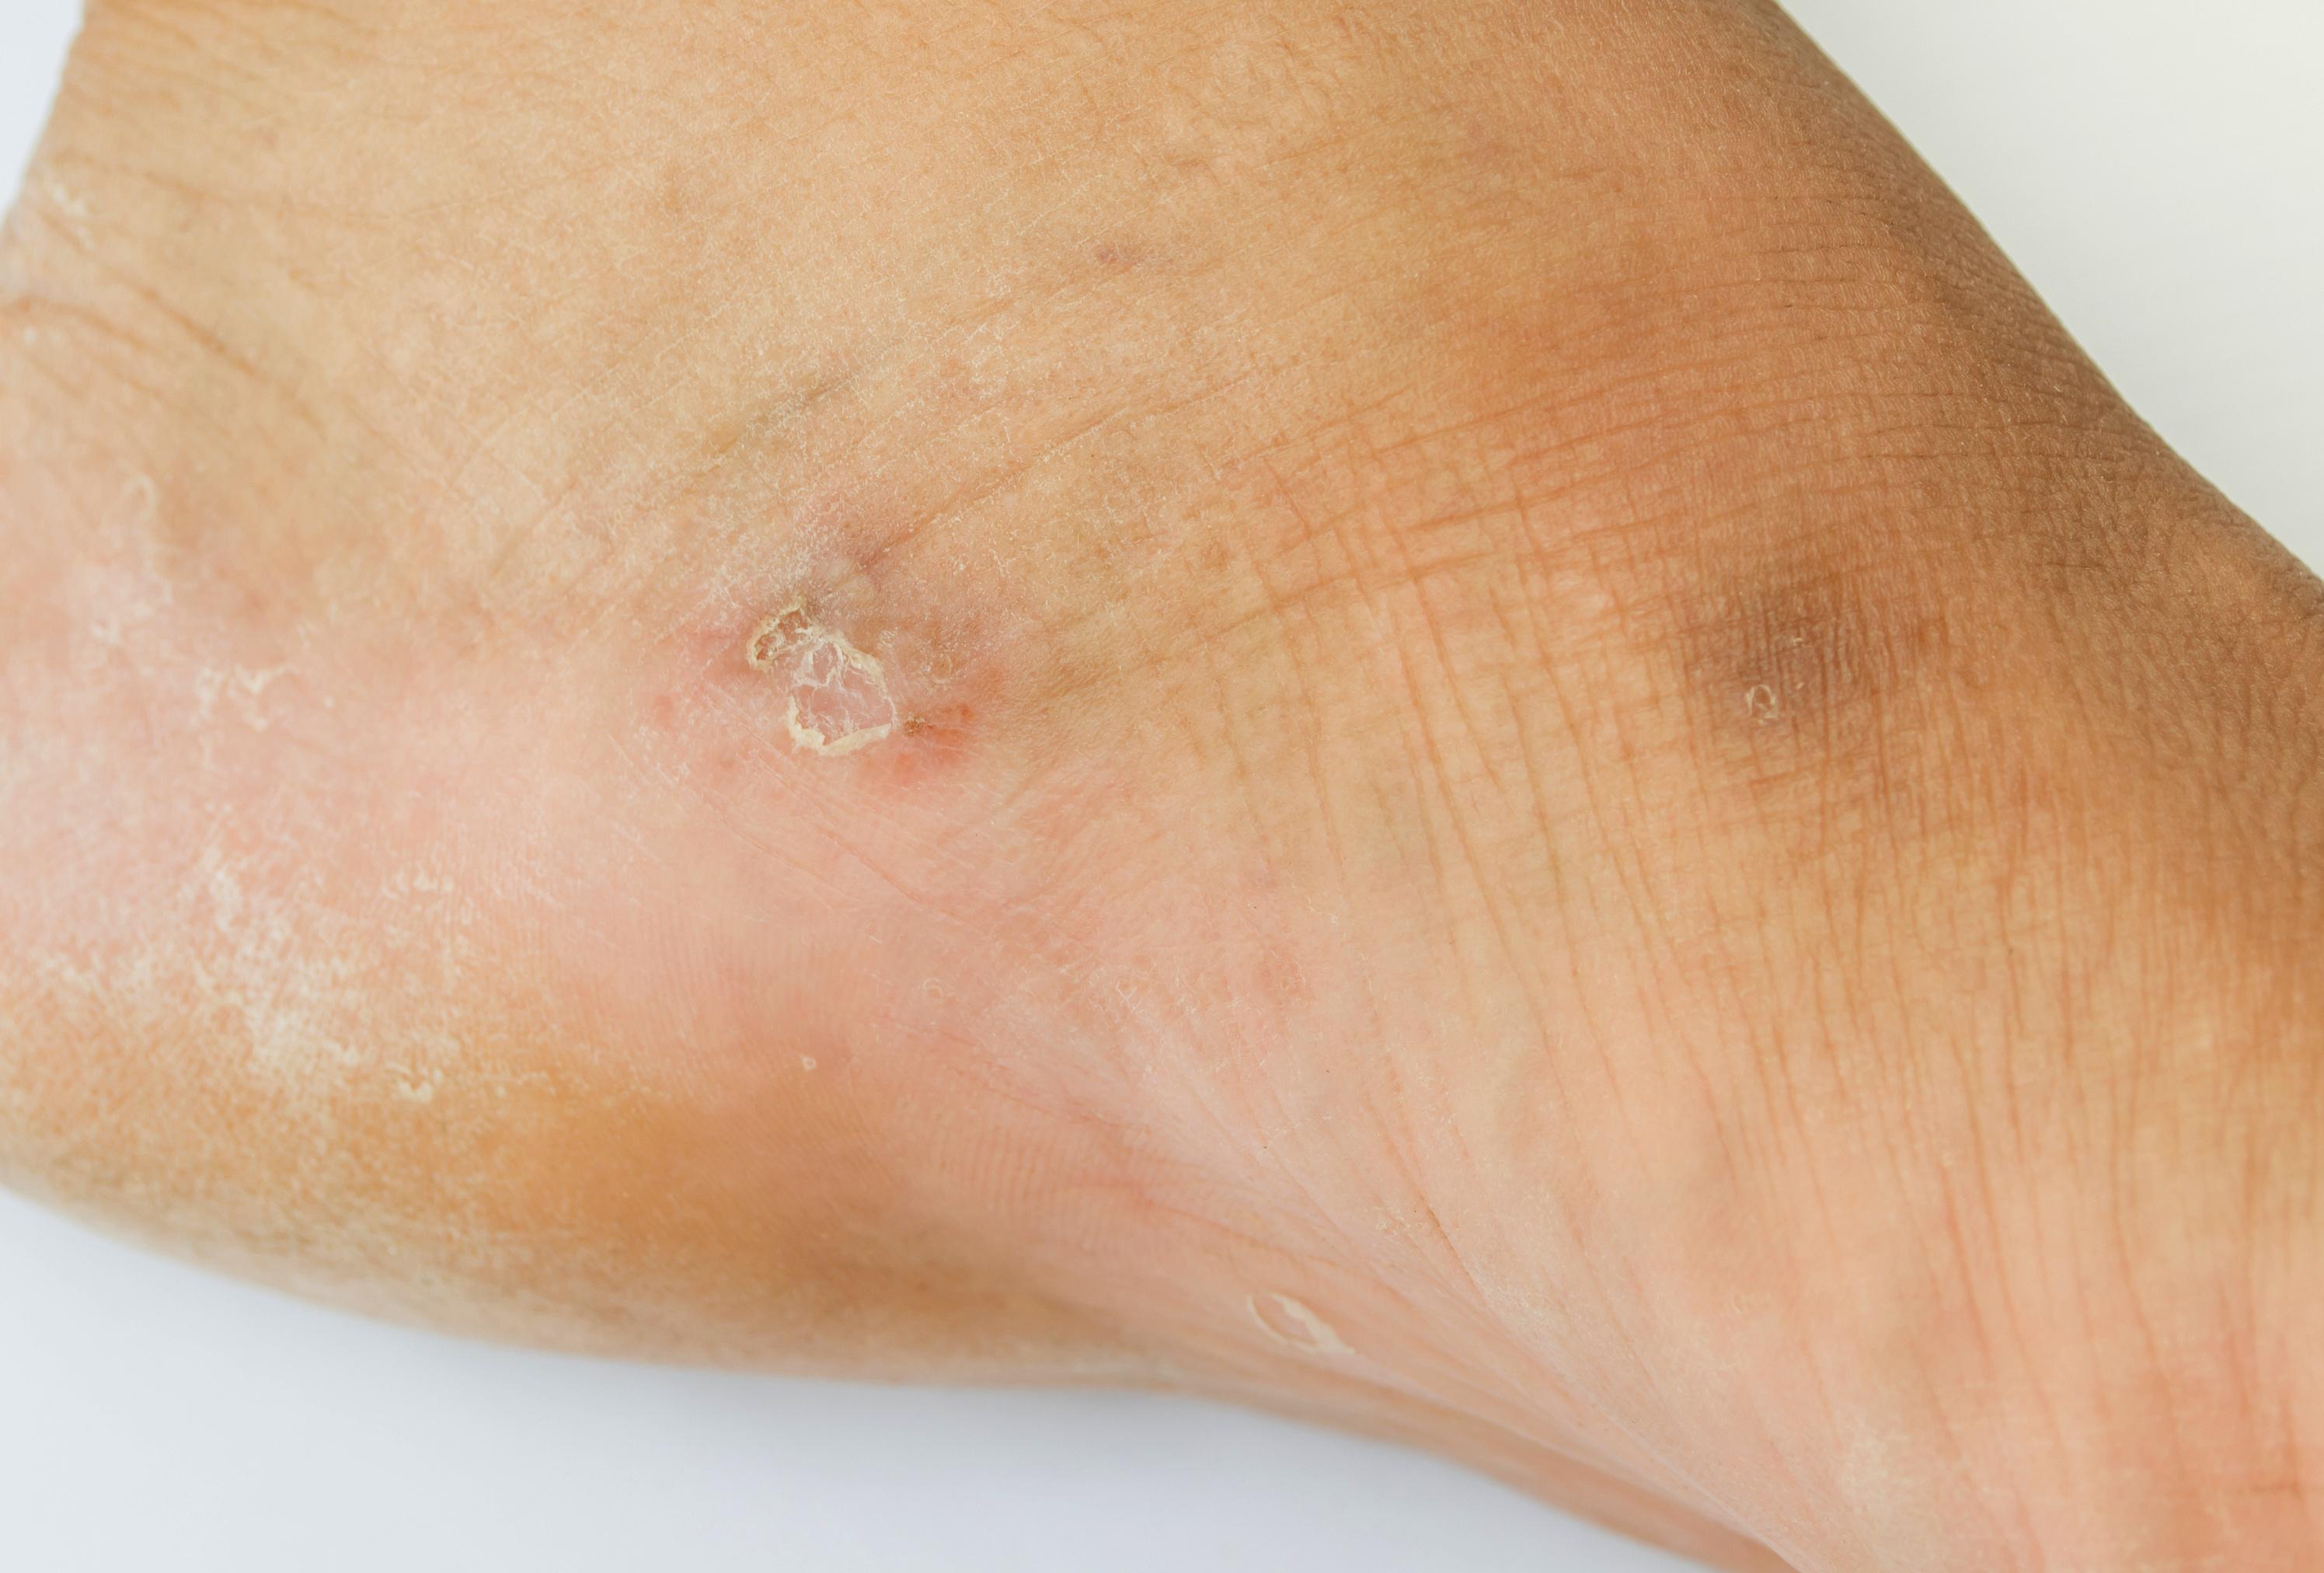 vörös foltok a lábakon fotó és a betegség neve a lábak viszketnek és vörös foltok jelennek meg